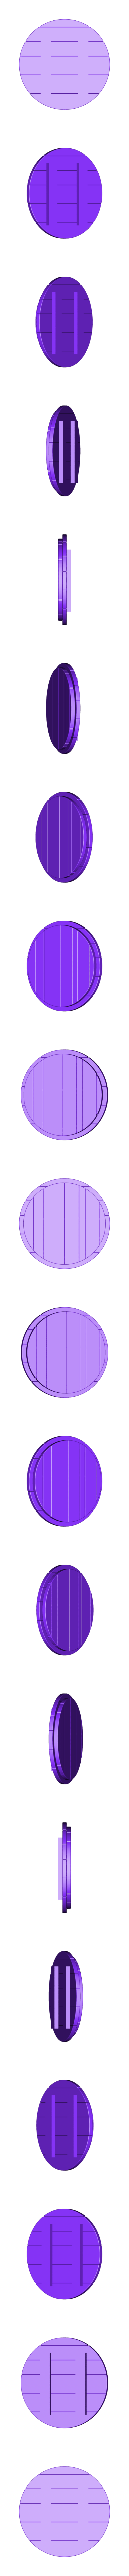 wooden barrel 02.stl Télécharger fichier STL tonneau en bois 1/10 • Plan à imprimer en 3D, wavelog